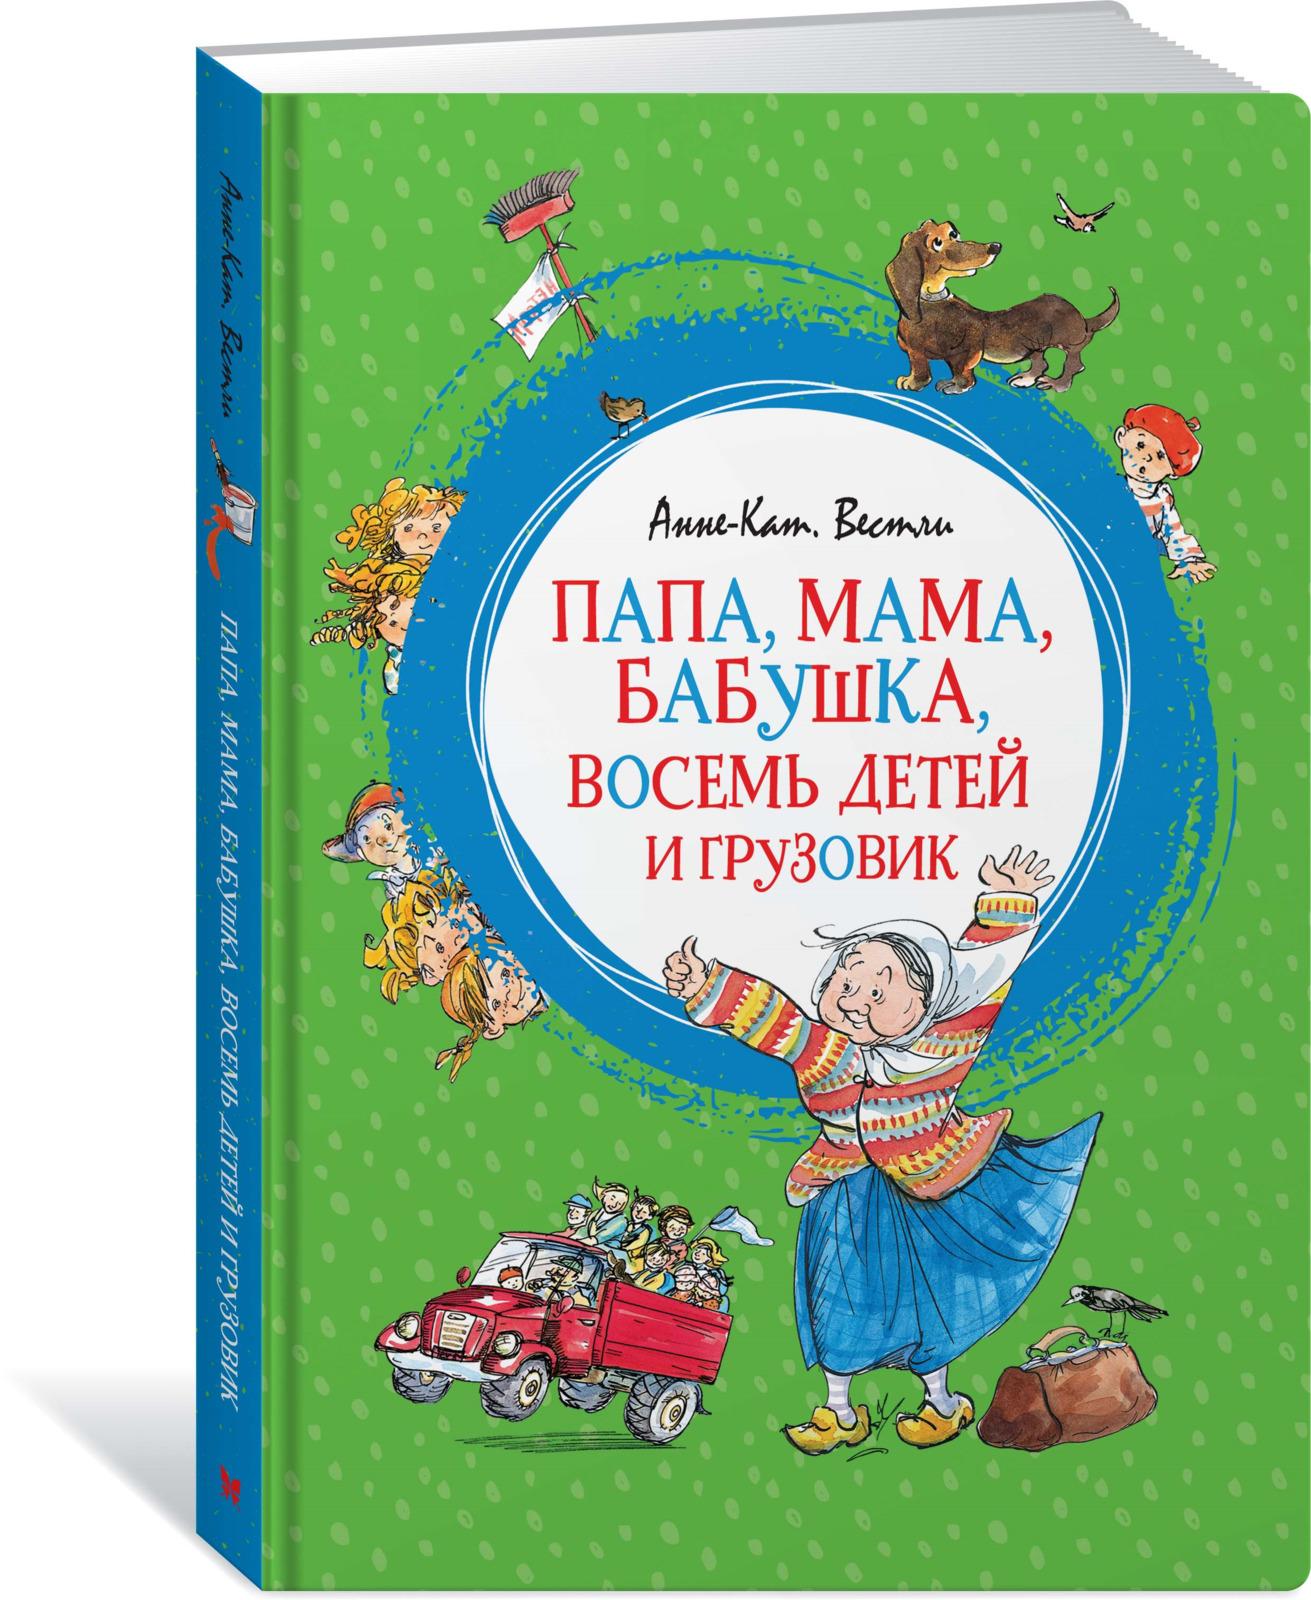 Анне-Катрине Вестли Папа, мама, бабушка, восемь детей и грузовик цены онлайн